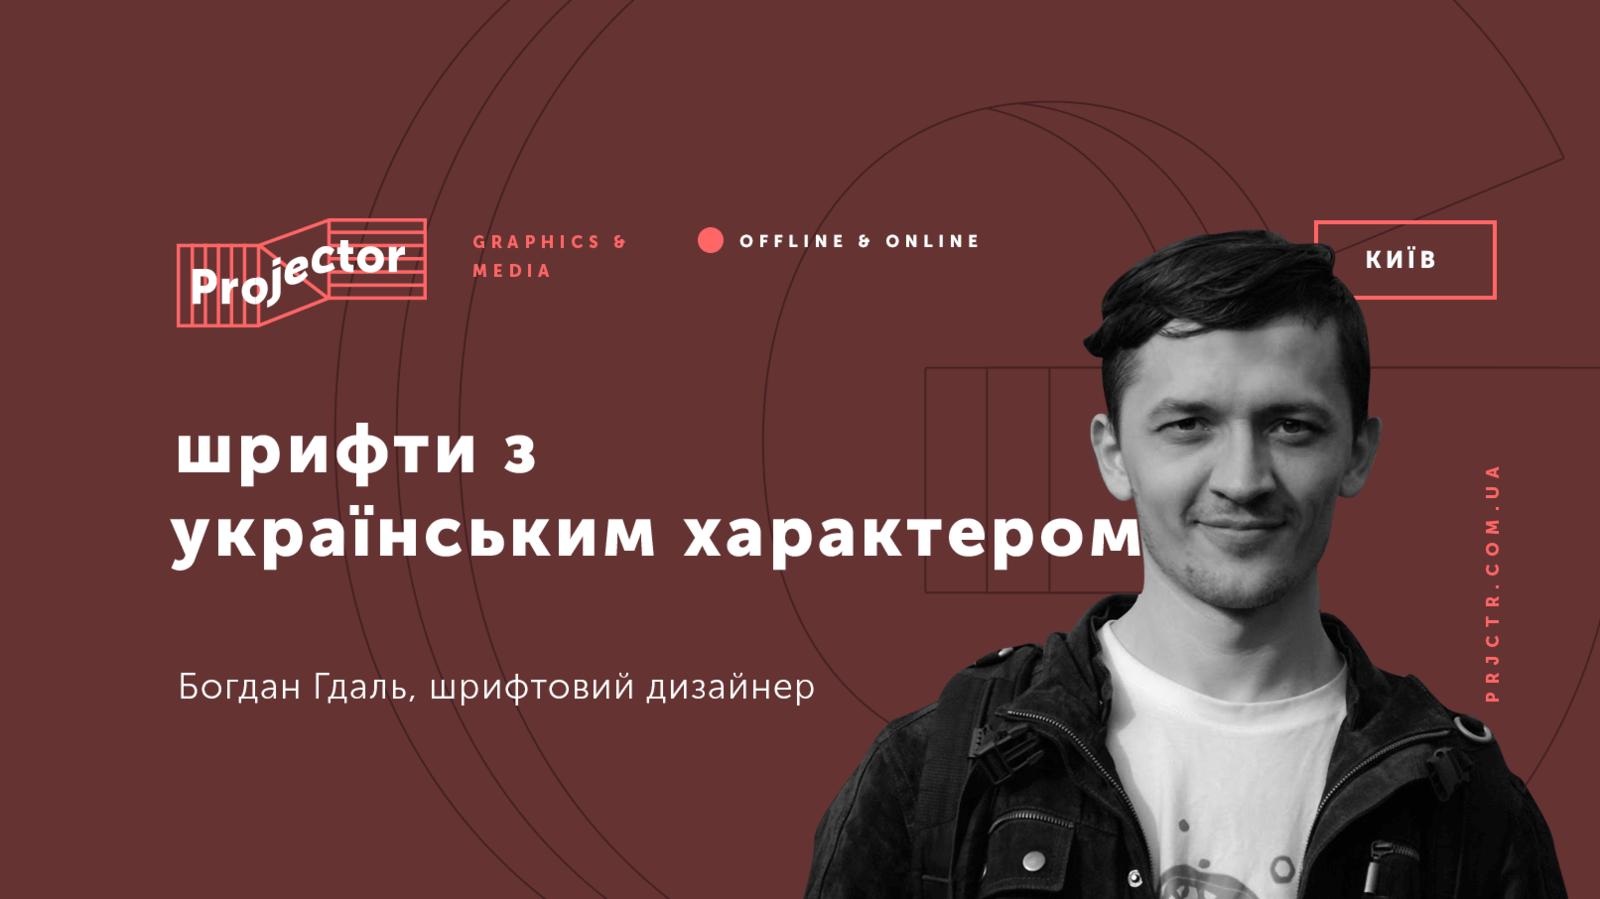 «Шрифти з українським характером: чому це важливо»